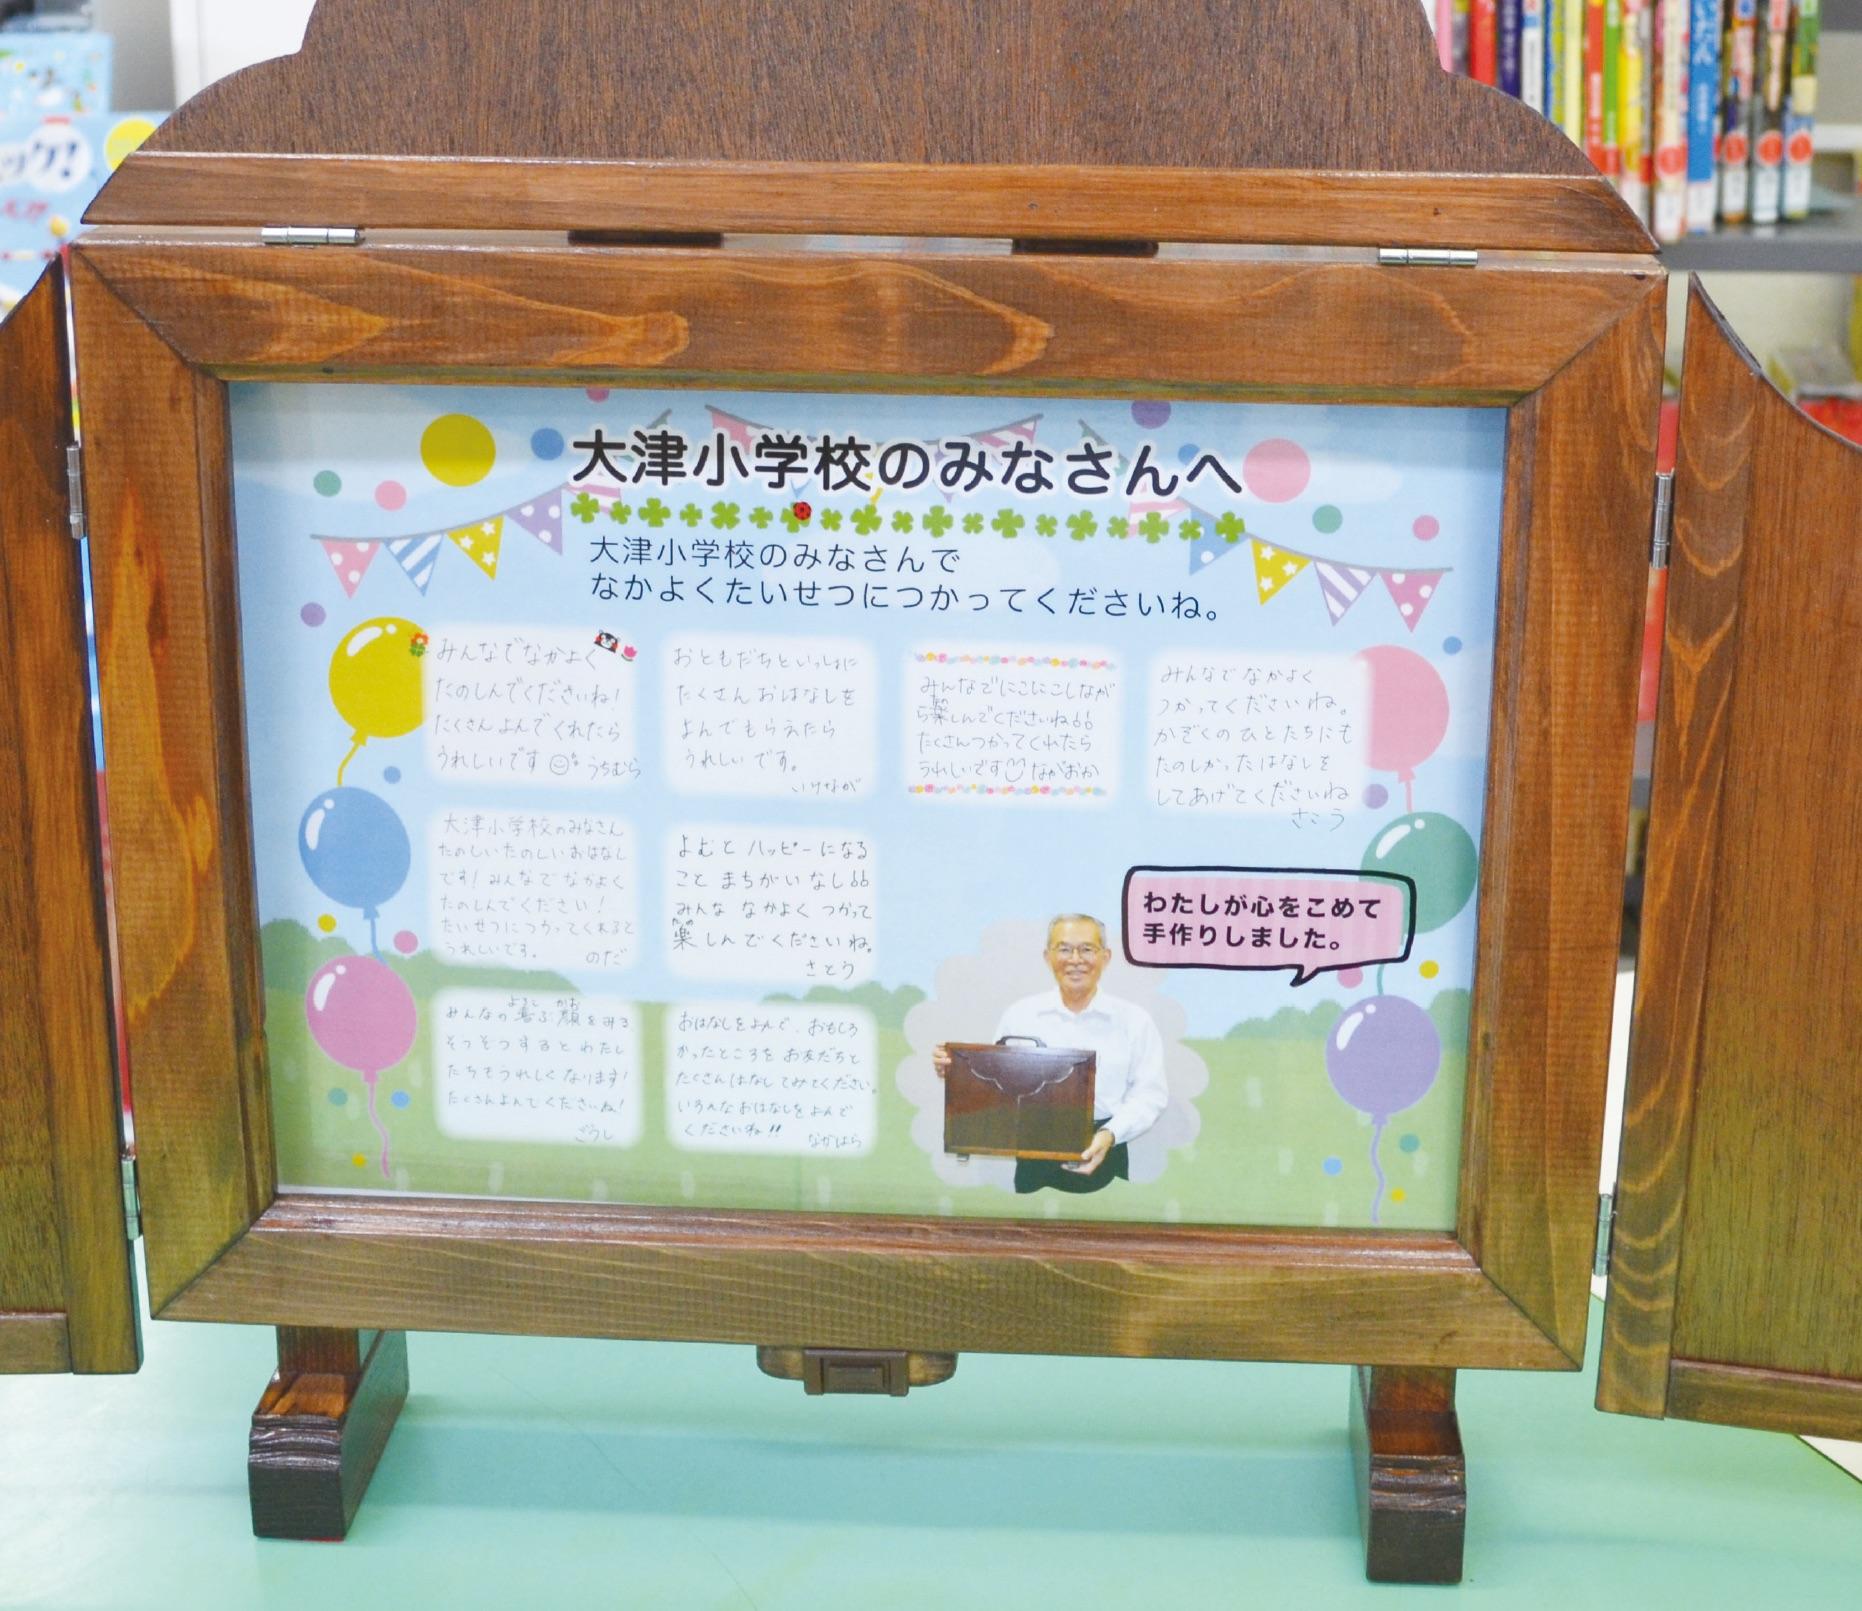 手作りの紙芝居舞台を子供たちへ 熊本県内の小学校へ紙芝居セットを寄贈 〜 一…